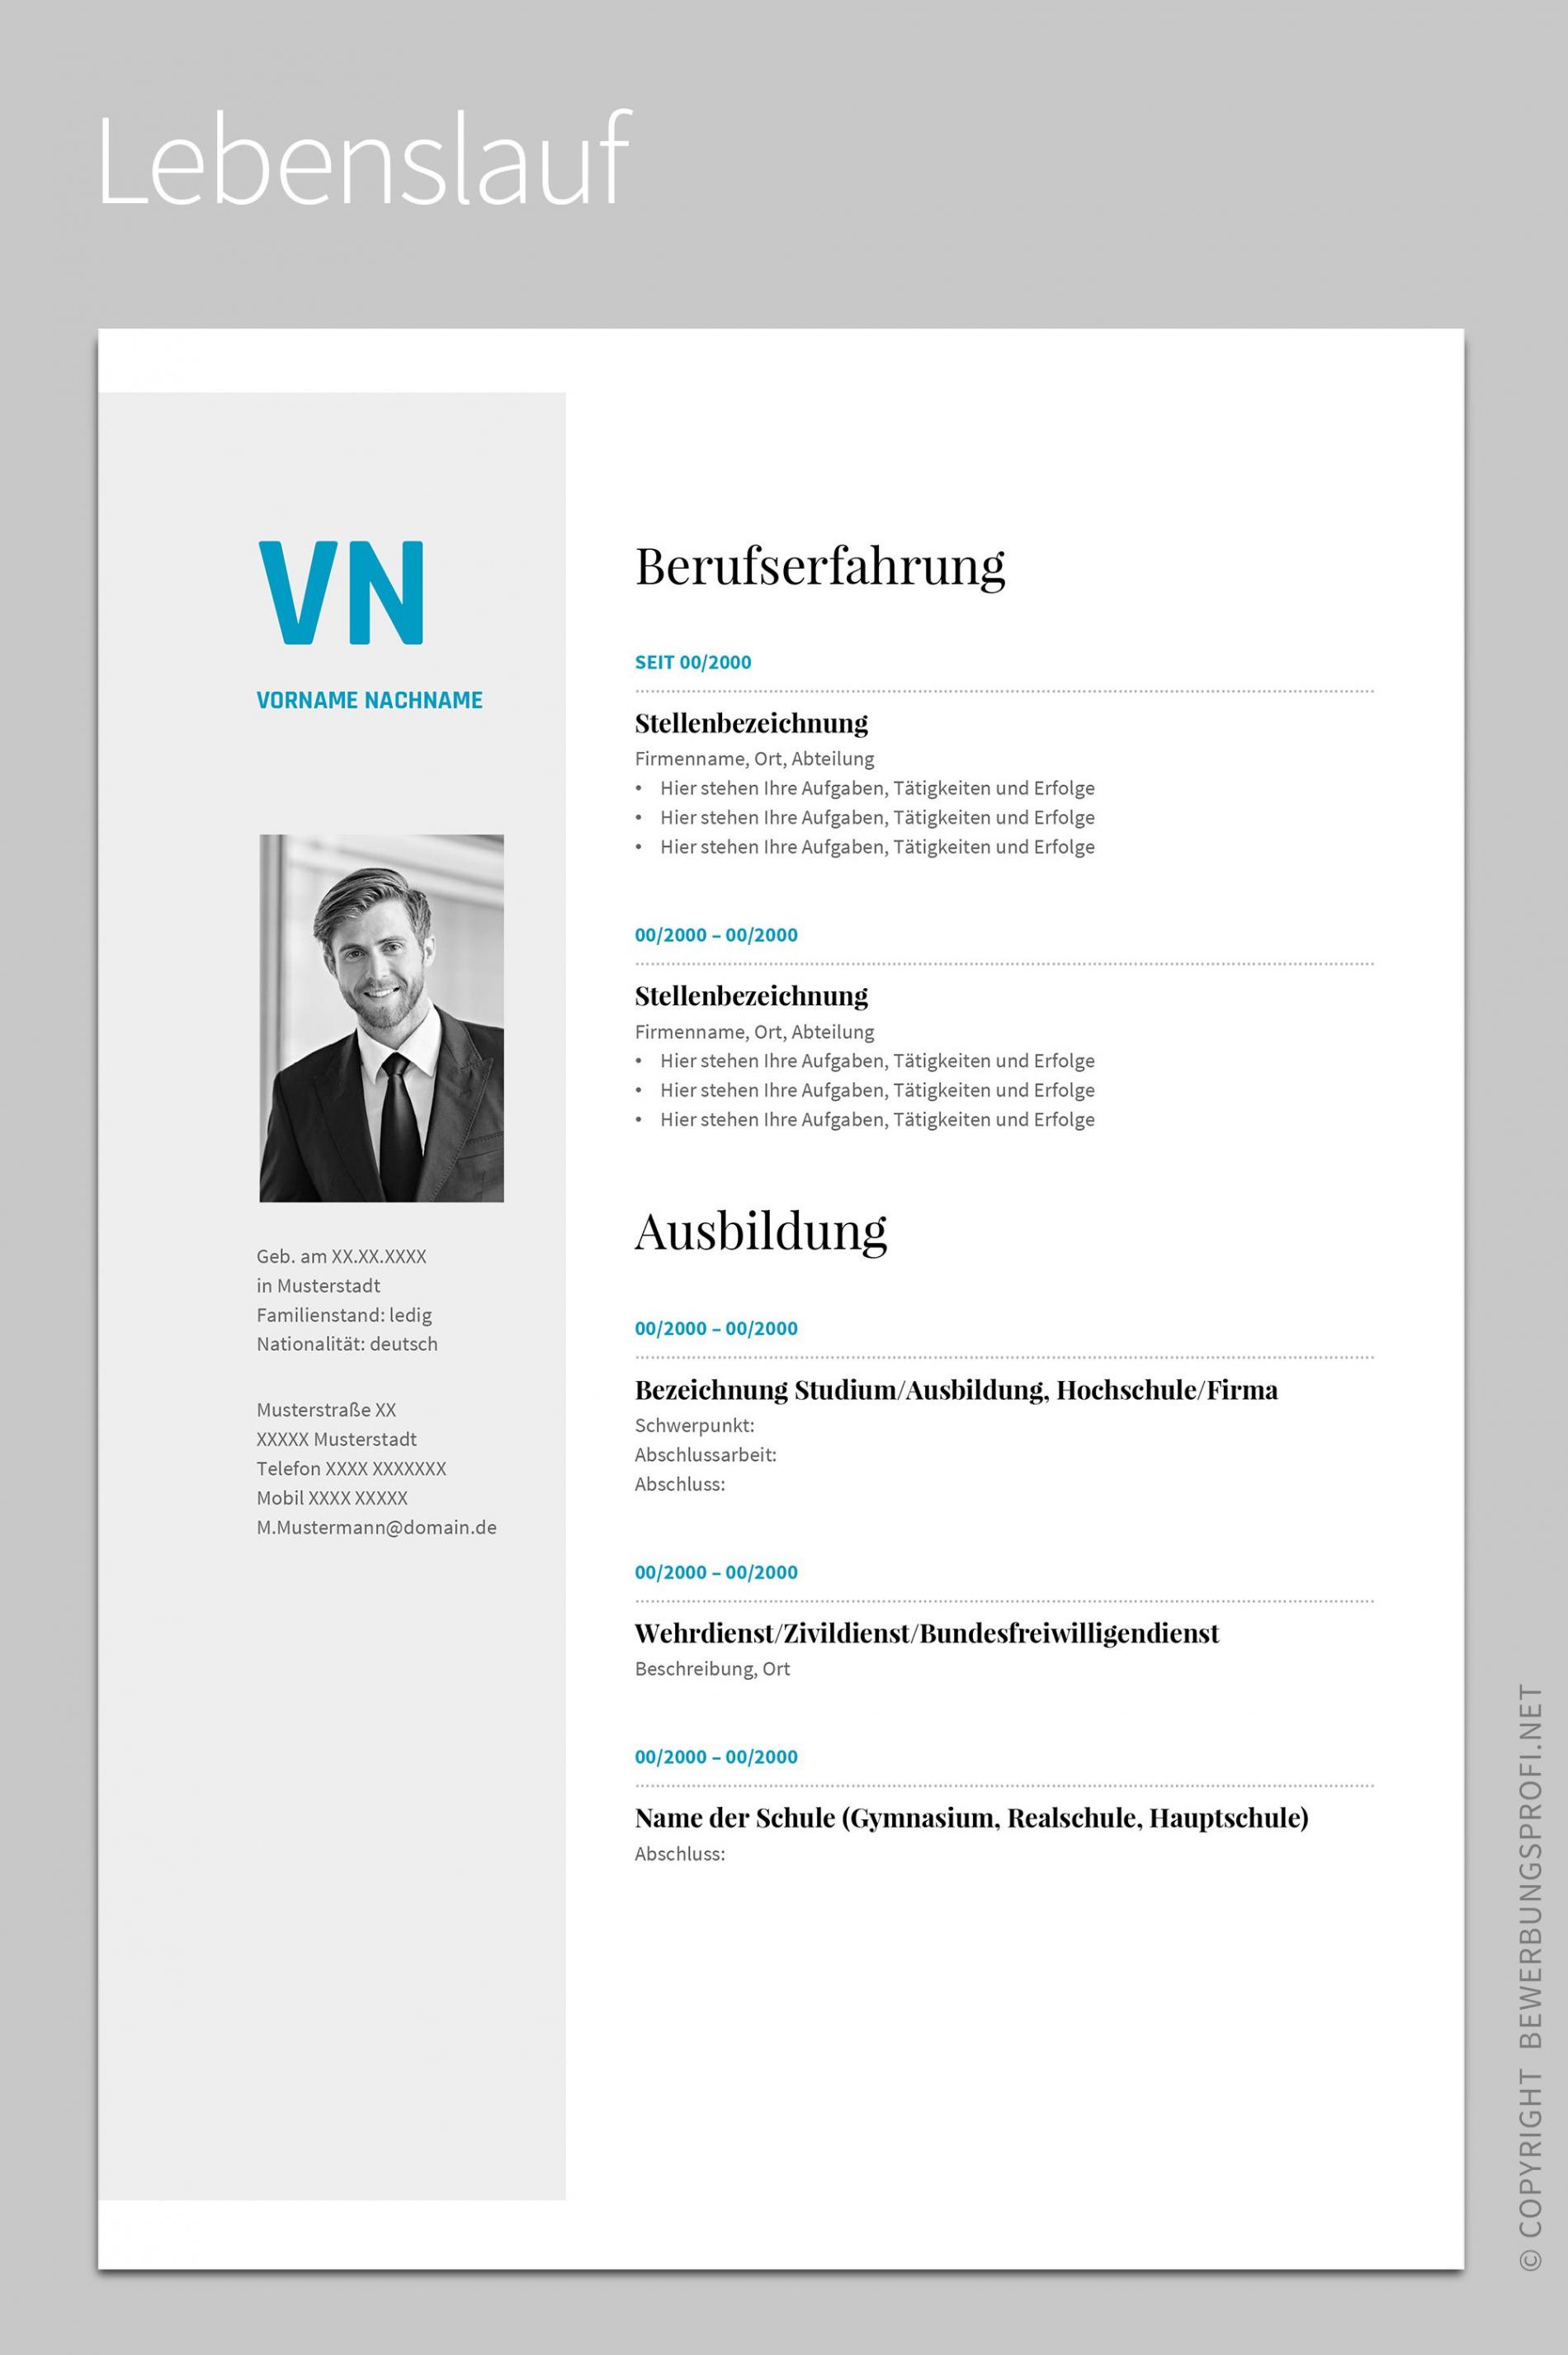 Porbe von  Lebenslauf 1 Balera  Bewerbung    Resume Cv, Resume Und Vorlage Lebenslauf Karriere.at